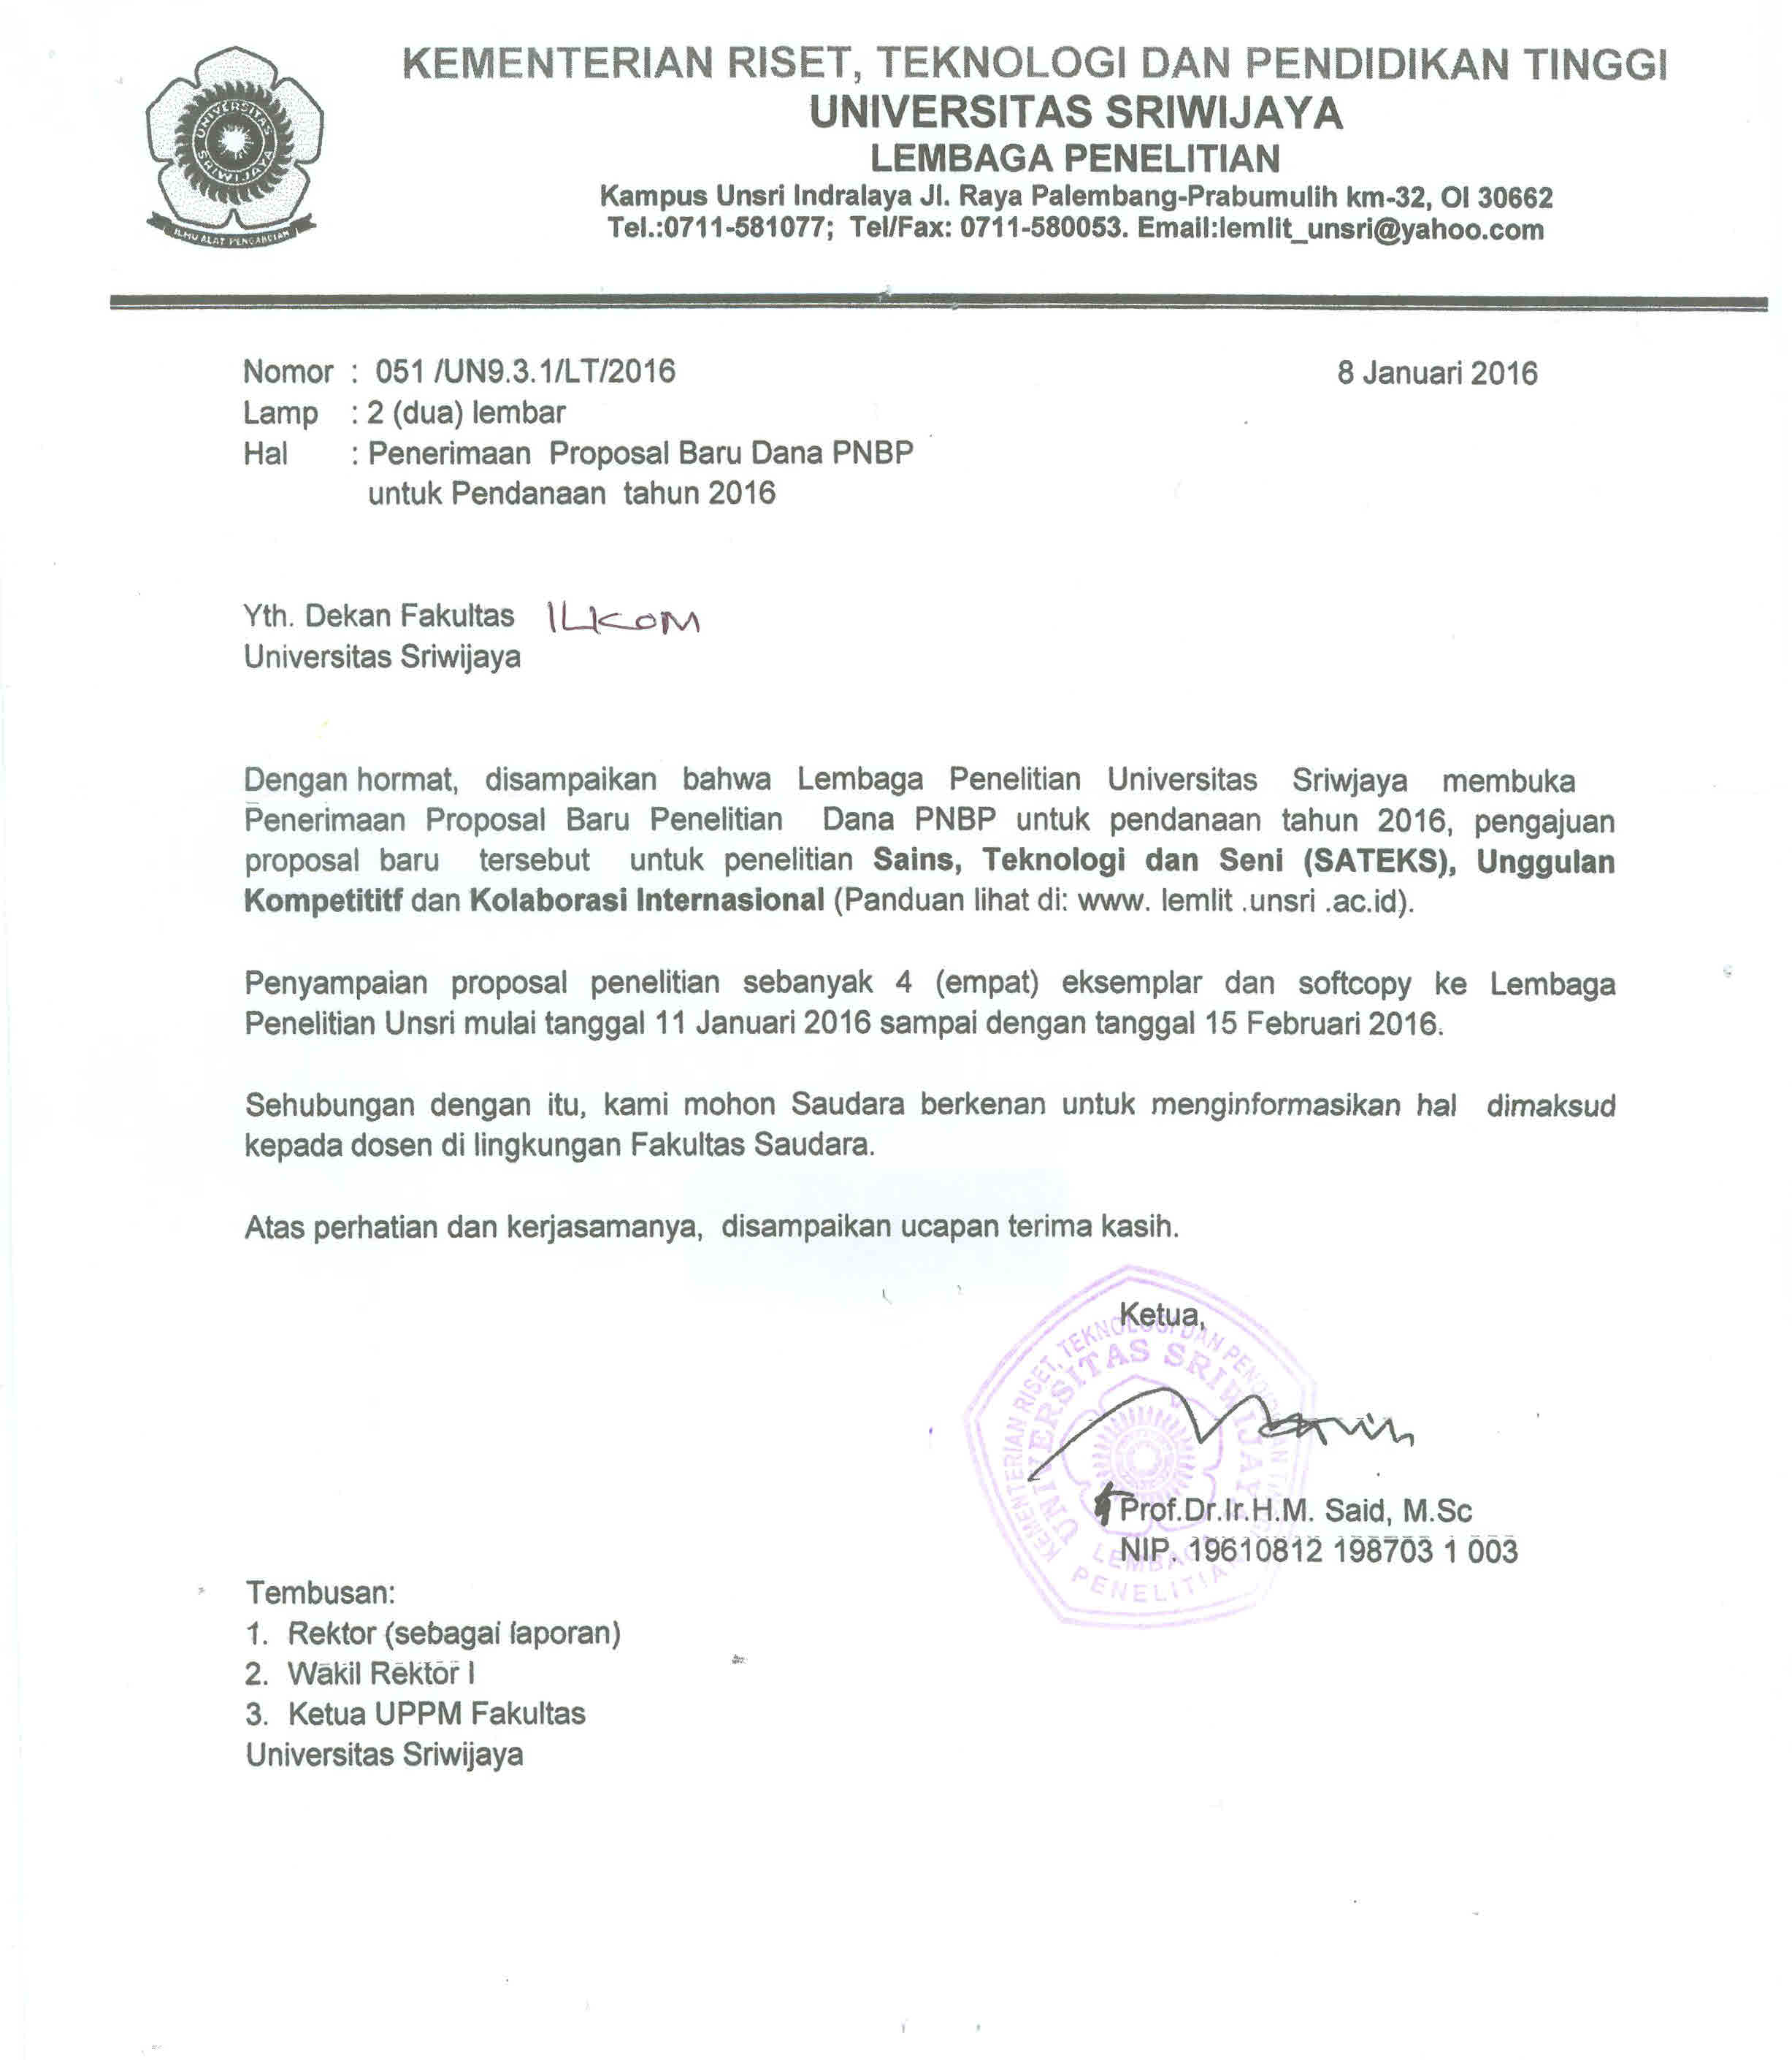 Penerimaan Proposal Baru Dana PNBP untuk Pendanaan tahun 2016